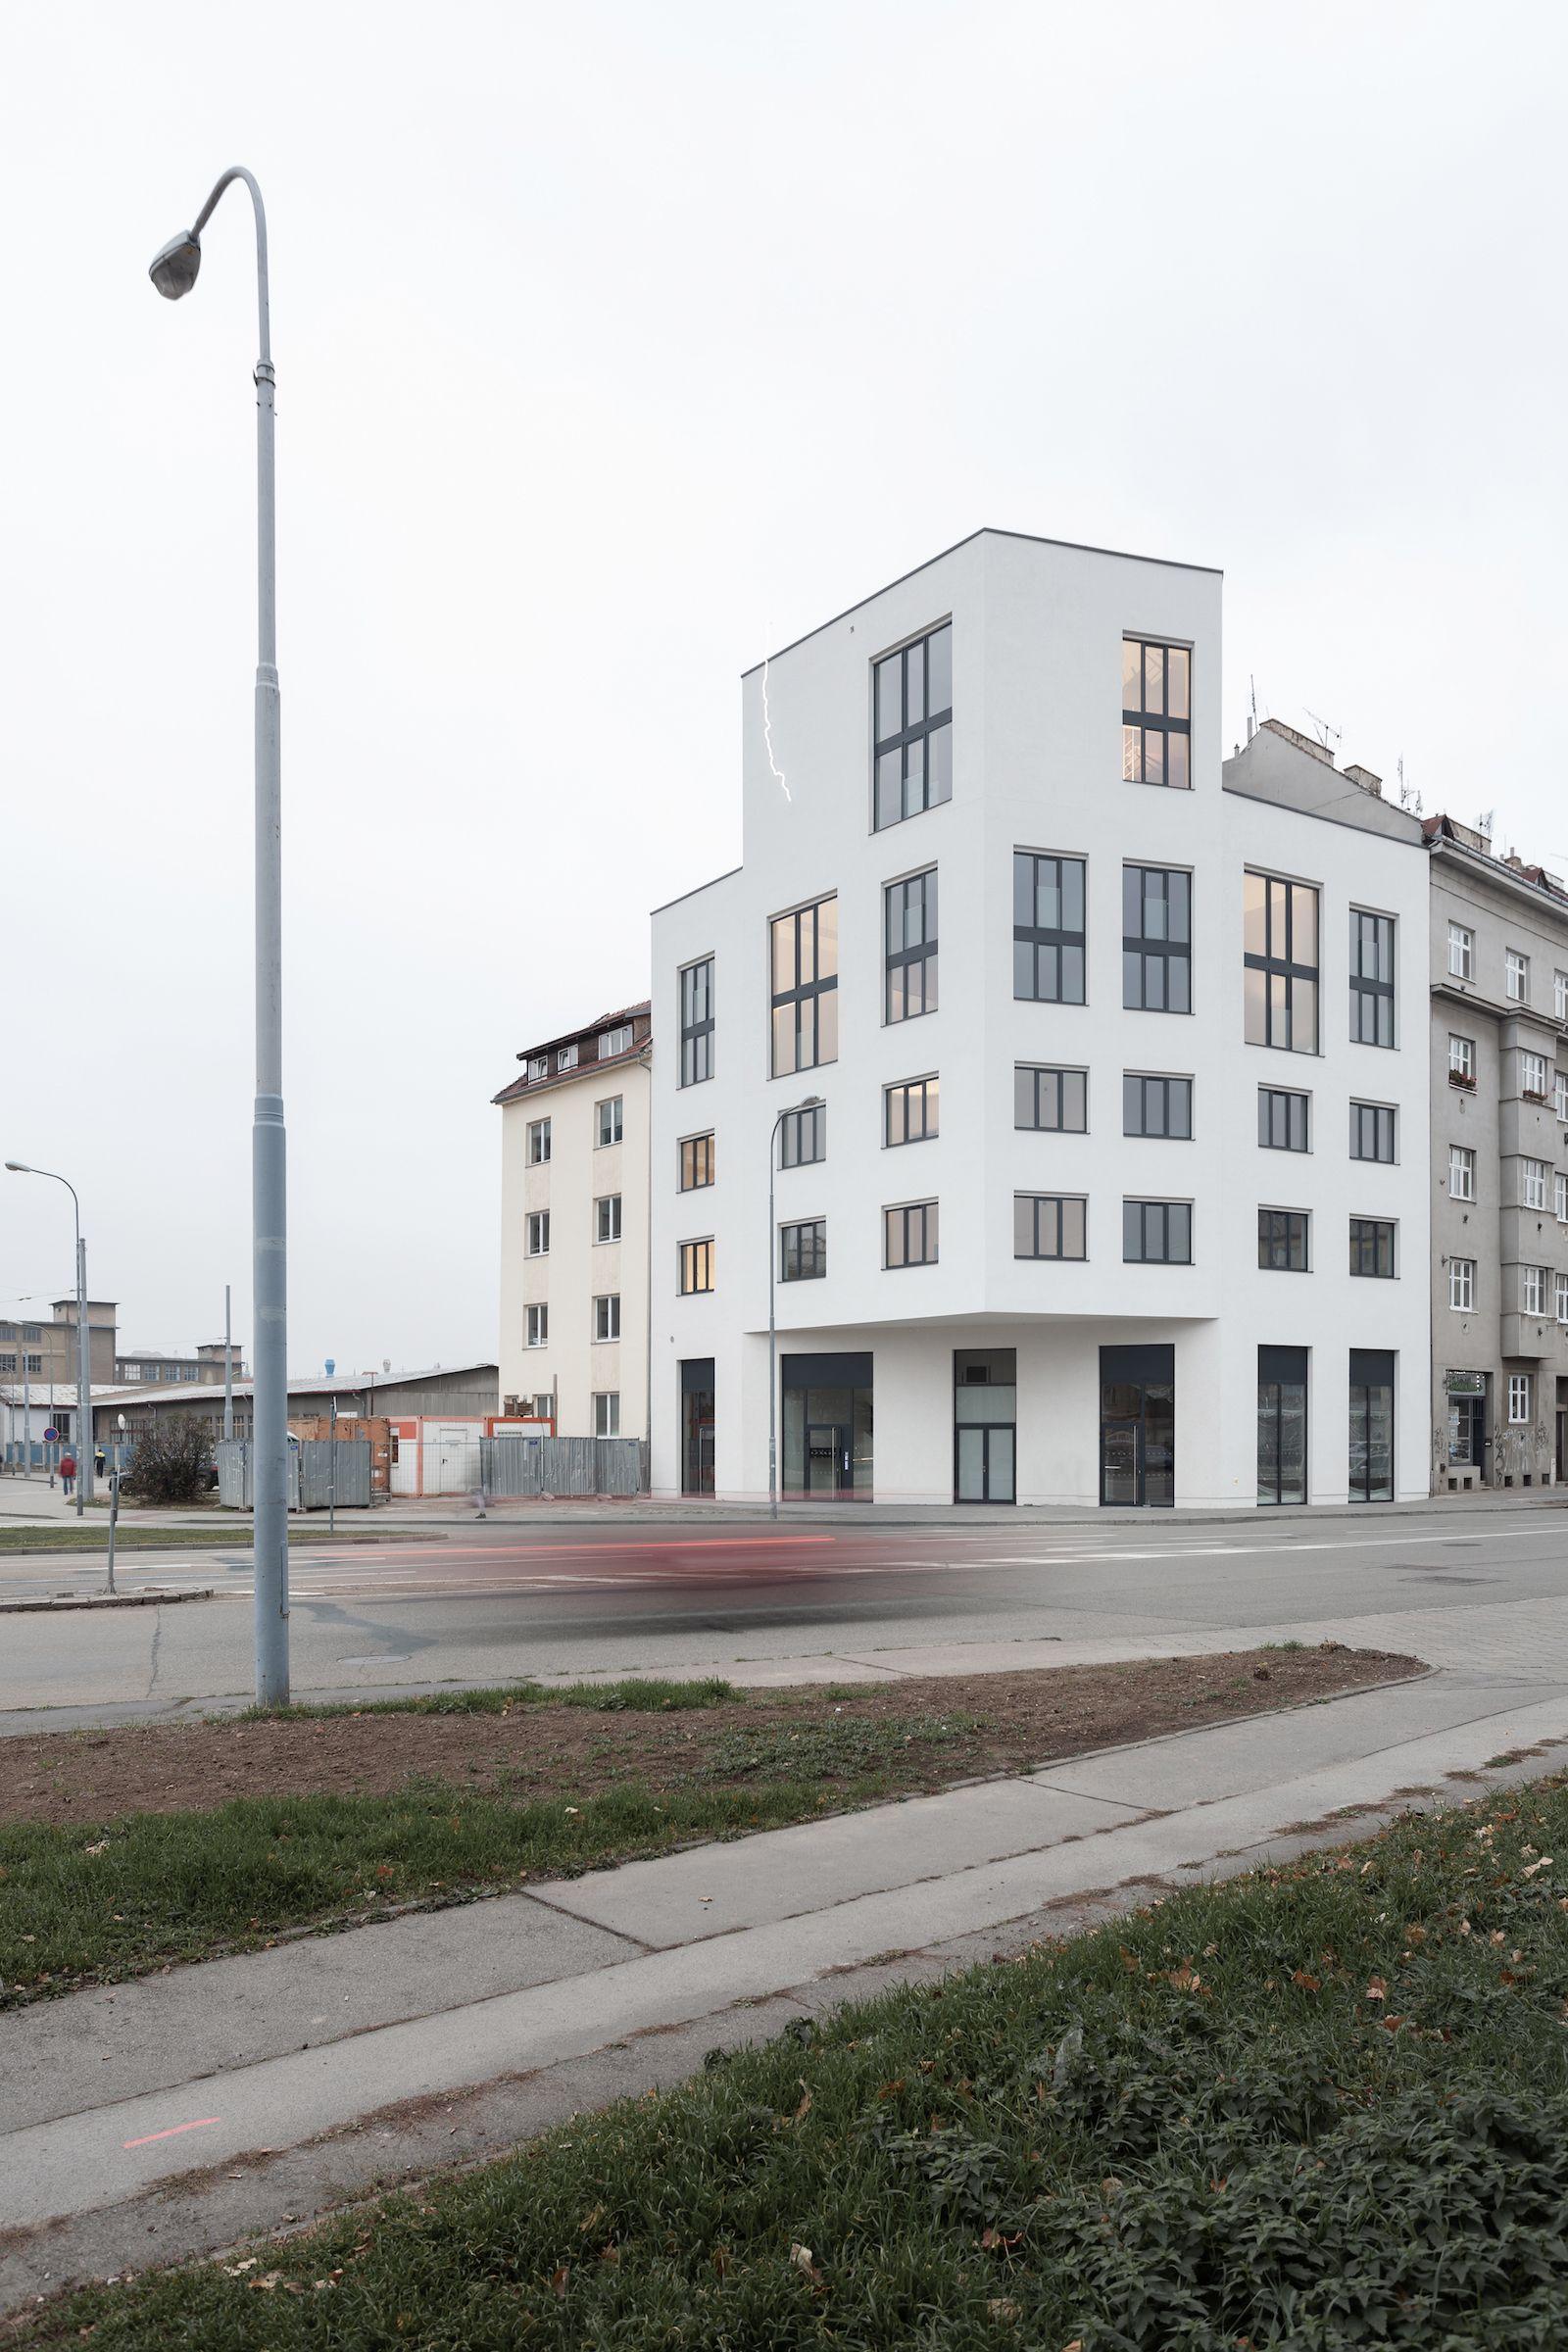 Minimalistický dům v Brně má na fasádě ikonický blesk a uvnitř stylové loftové byty